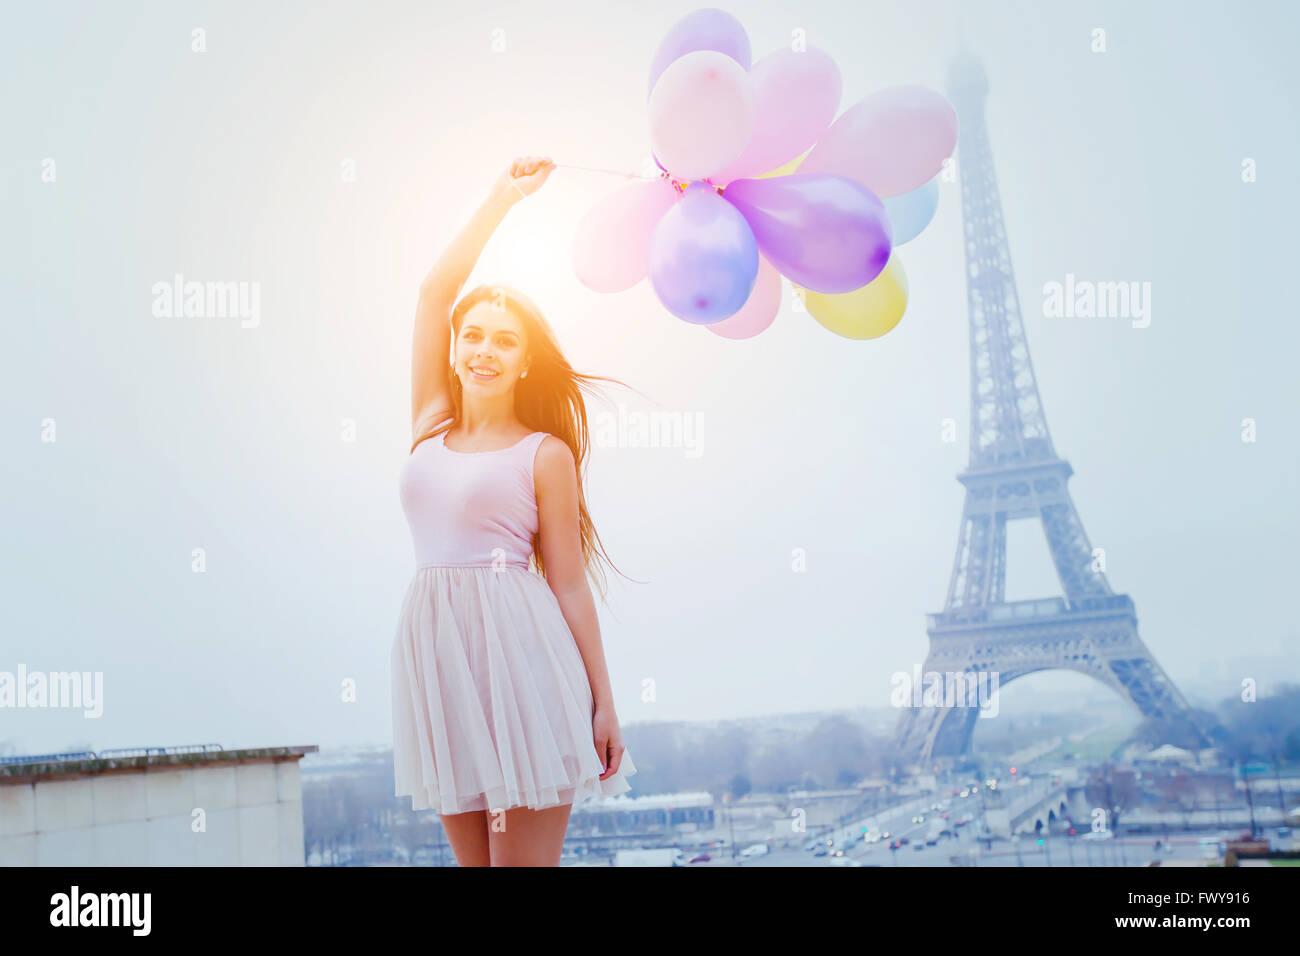 Vacanze a Parigi e colorati di sogni, felice ragazza con palloncini vicino a Torre Eiffel Immagini Stock